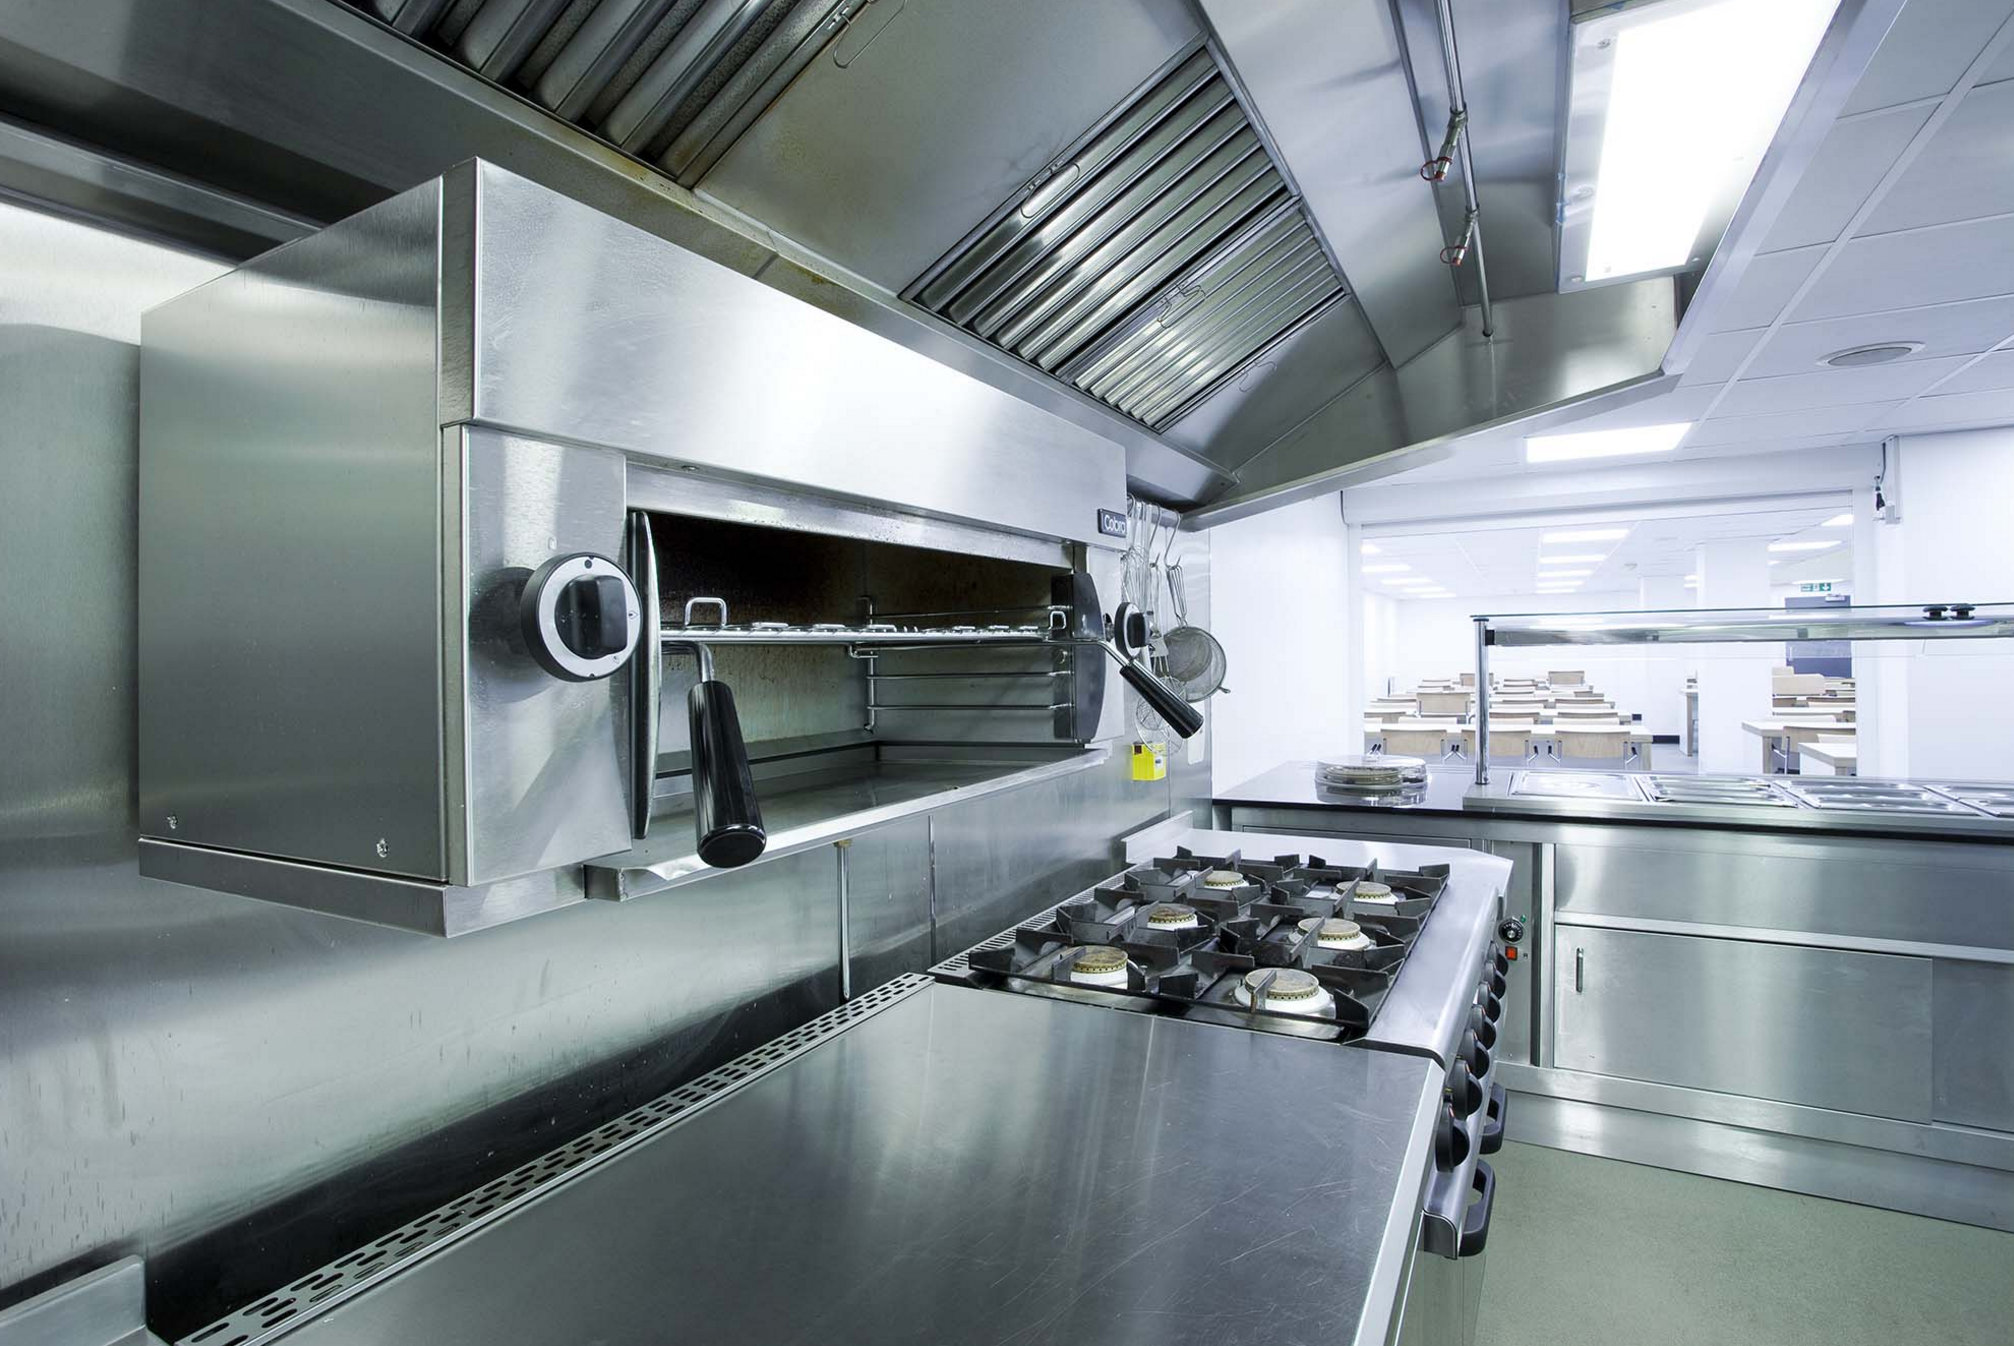 تجهیزات پخت غذا ویژه رستوران - تجهیزات پخت غذا ویژه رستوران | خرید تجهیزات رستوران